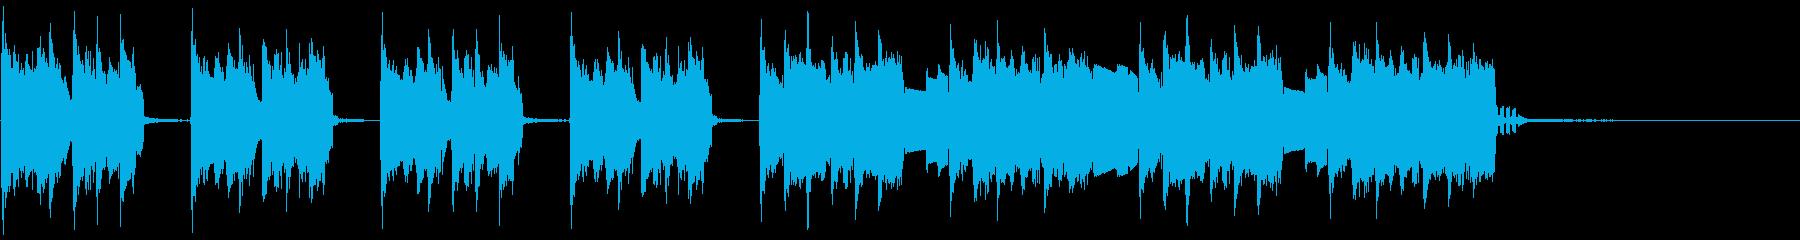 企業VP・繊細・ドキュメンタルジングルCの再生済みの波形